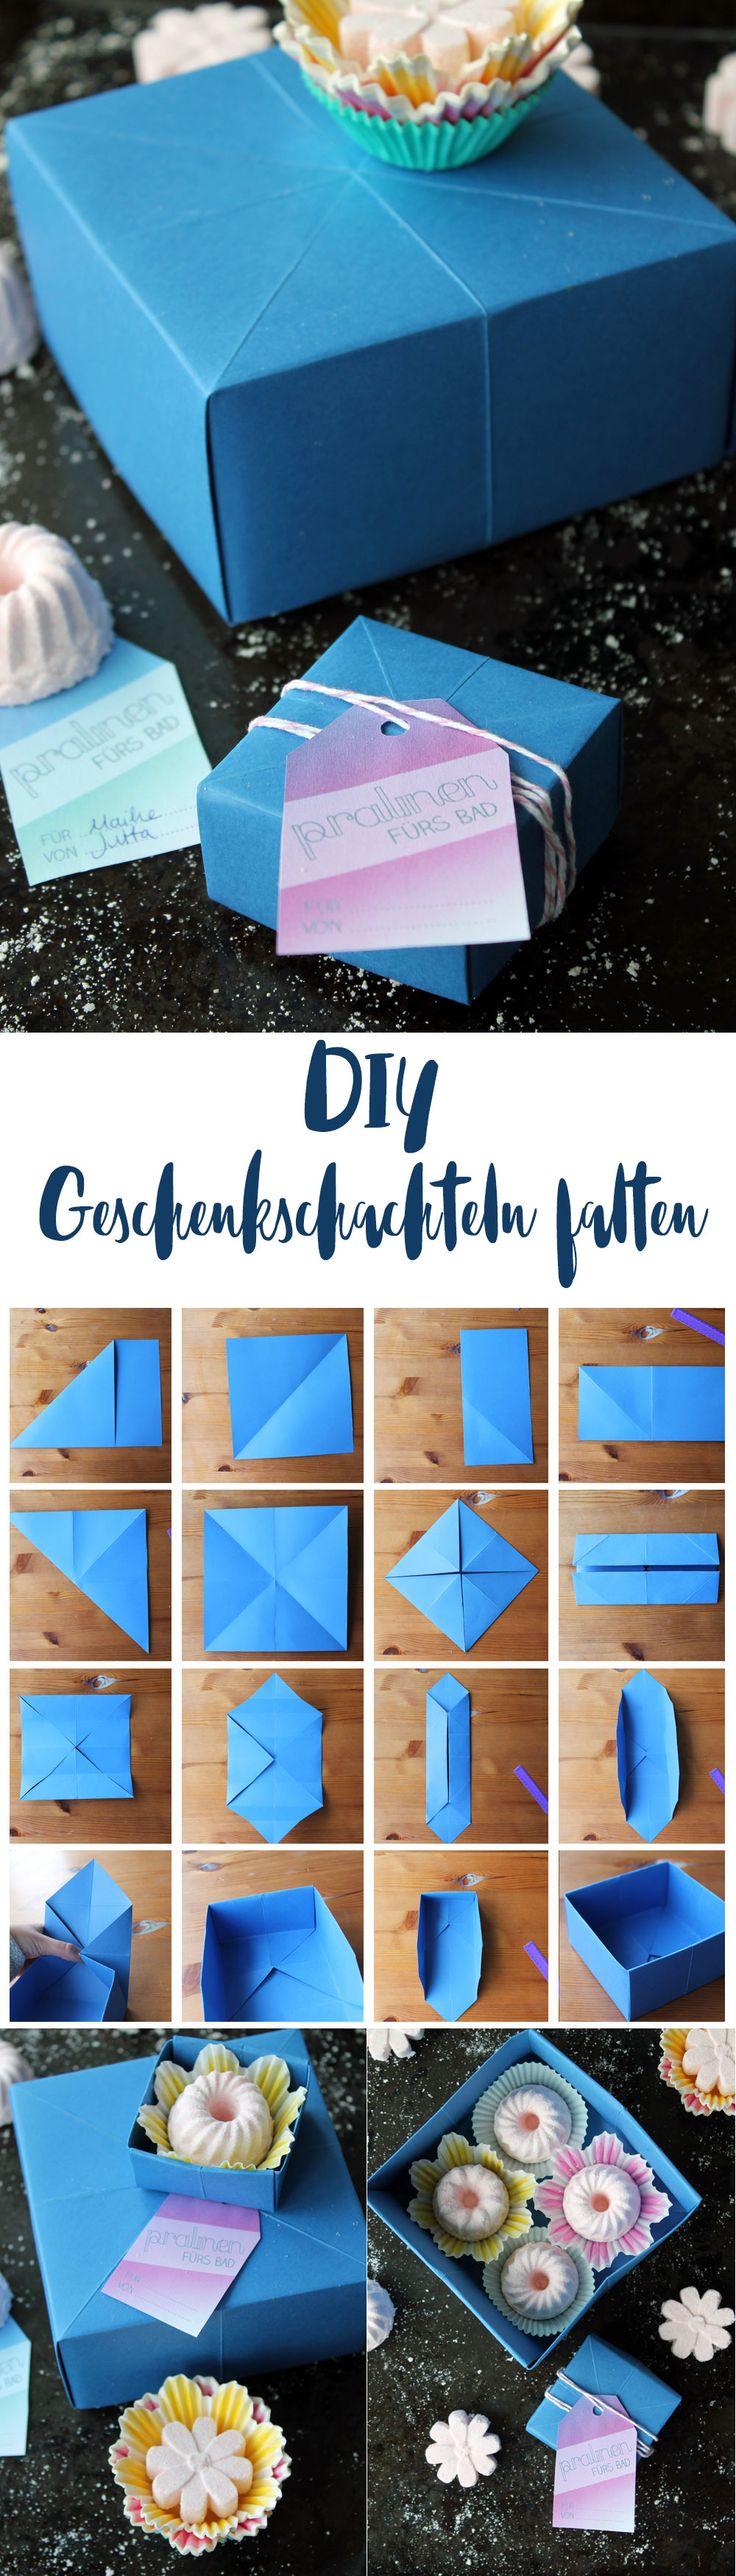 DIY Geschenkschachteln falten - Schritt für Schritt Anleitung auf Kreativfieber - DIY Papier